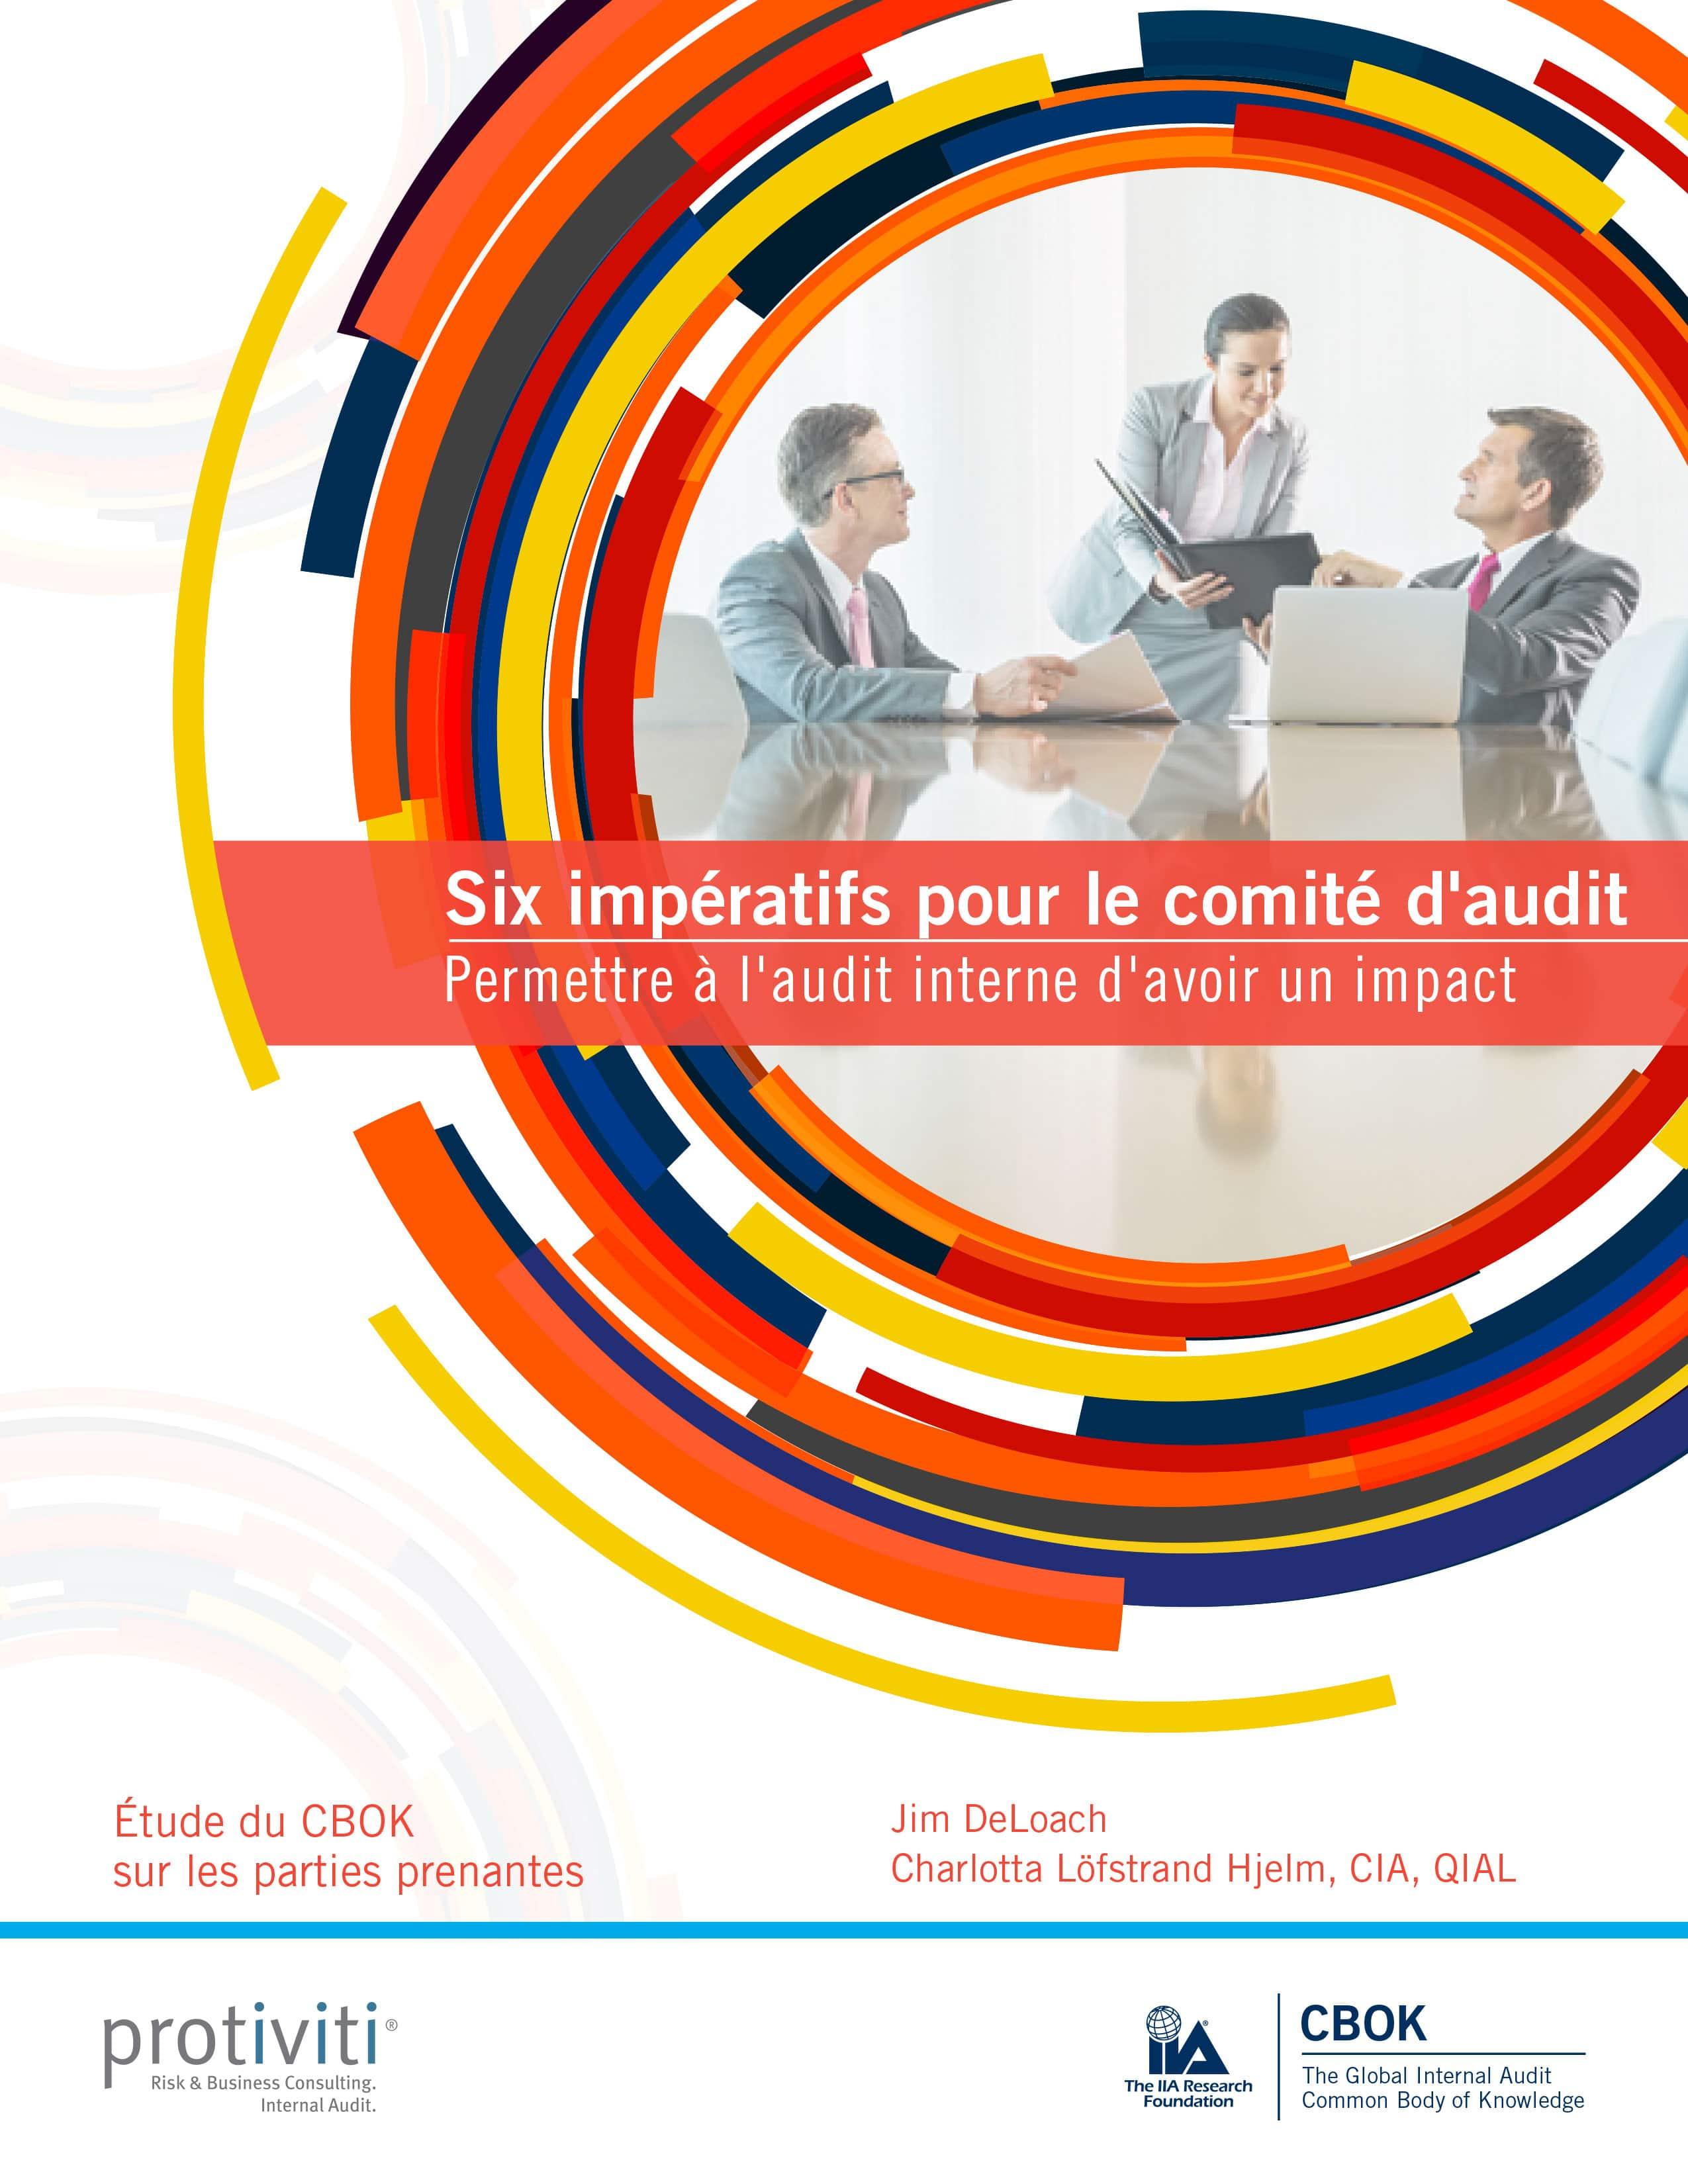 Six impératifs pour le comité d'audit – Permettre à l'audit interne d'avoir un impact